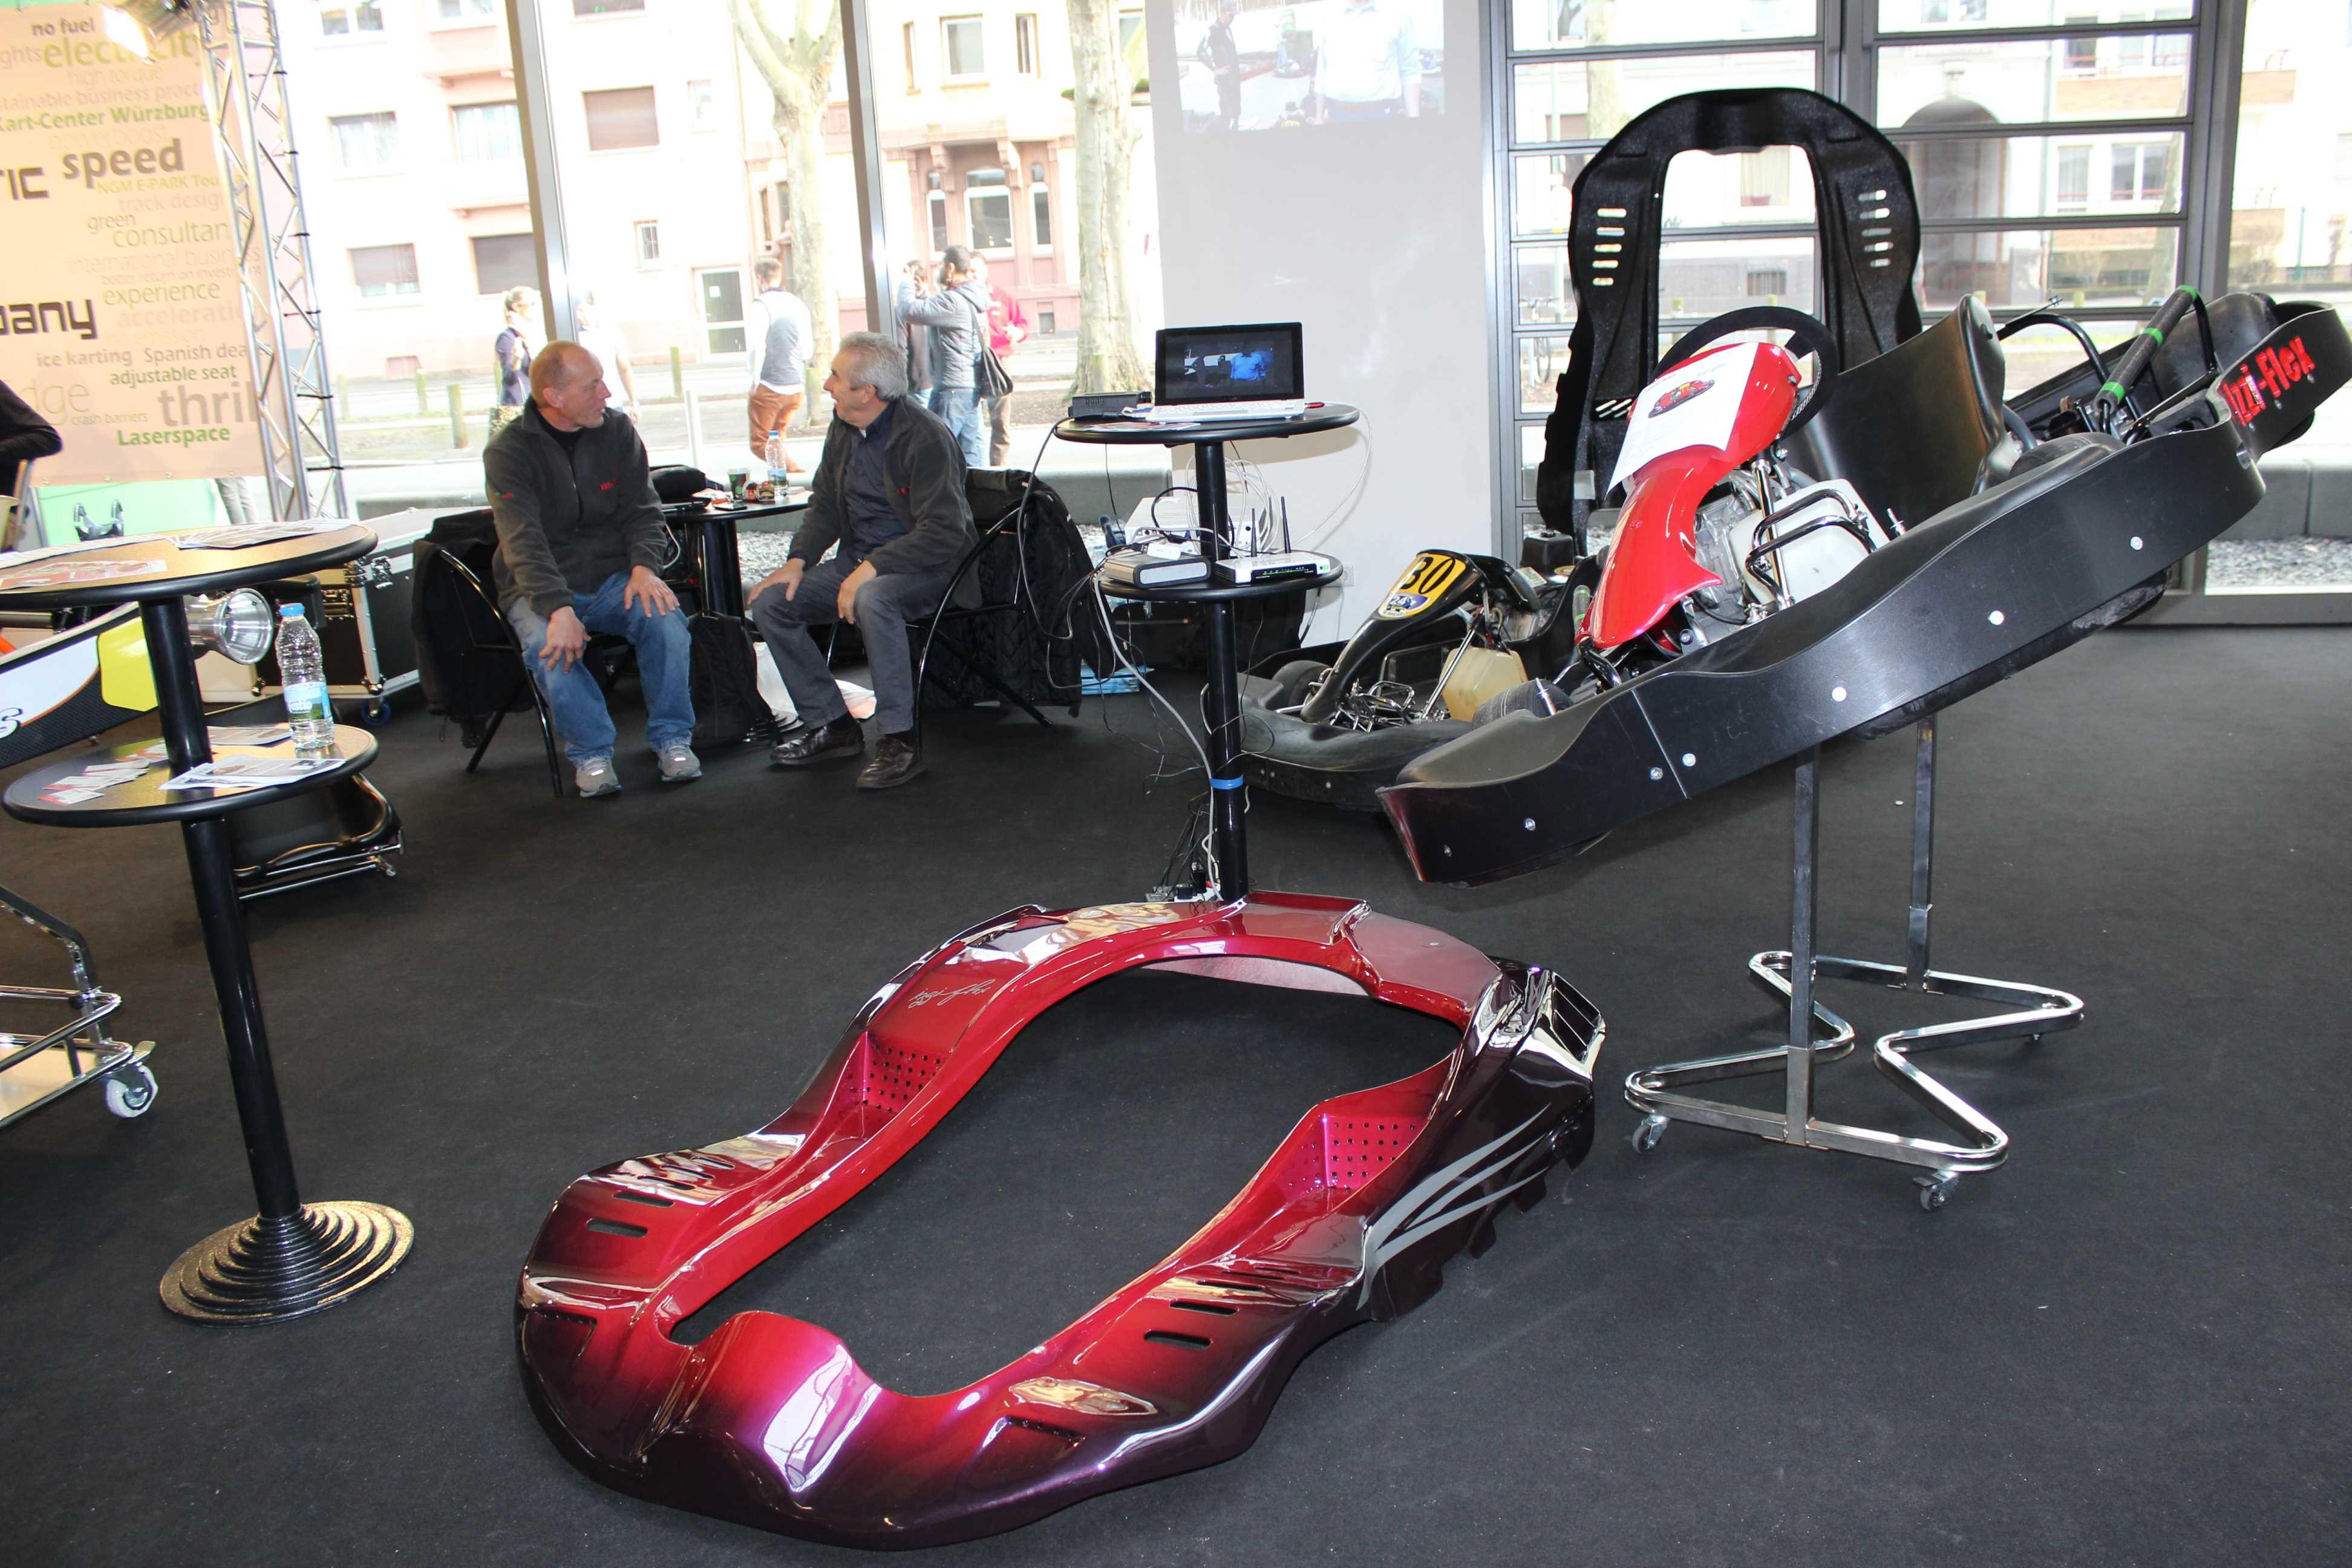 IZZI-FLEX Apresentação na Feira Internacional do Karting Alemanha0